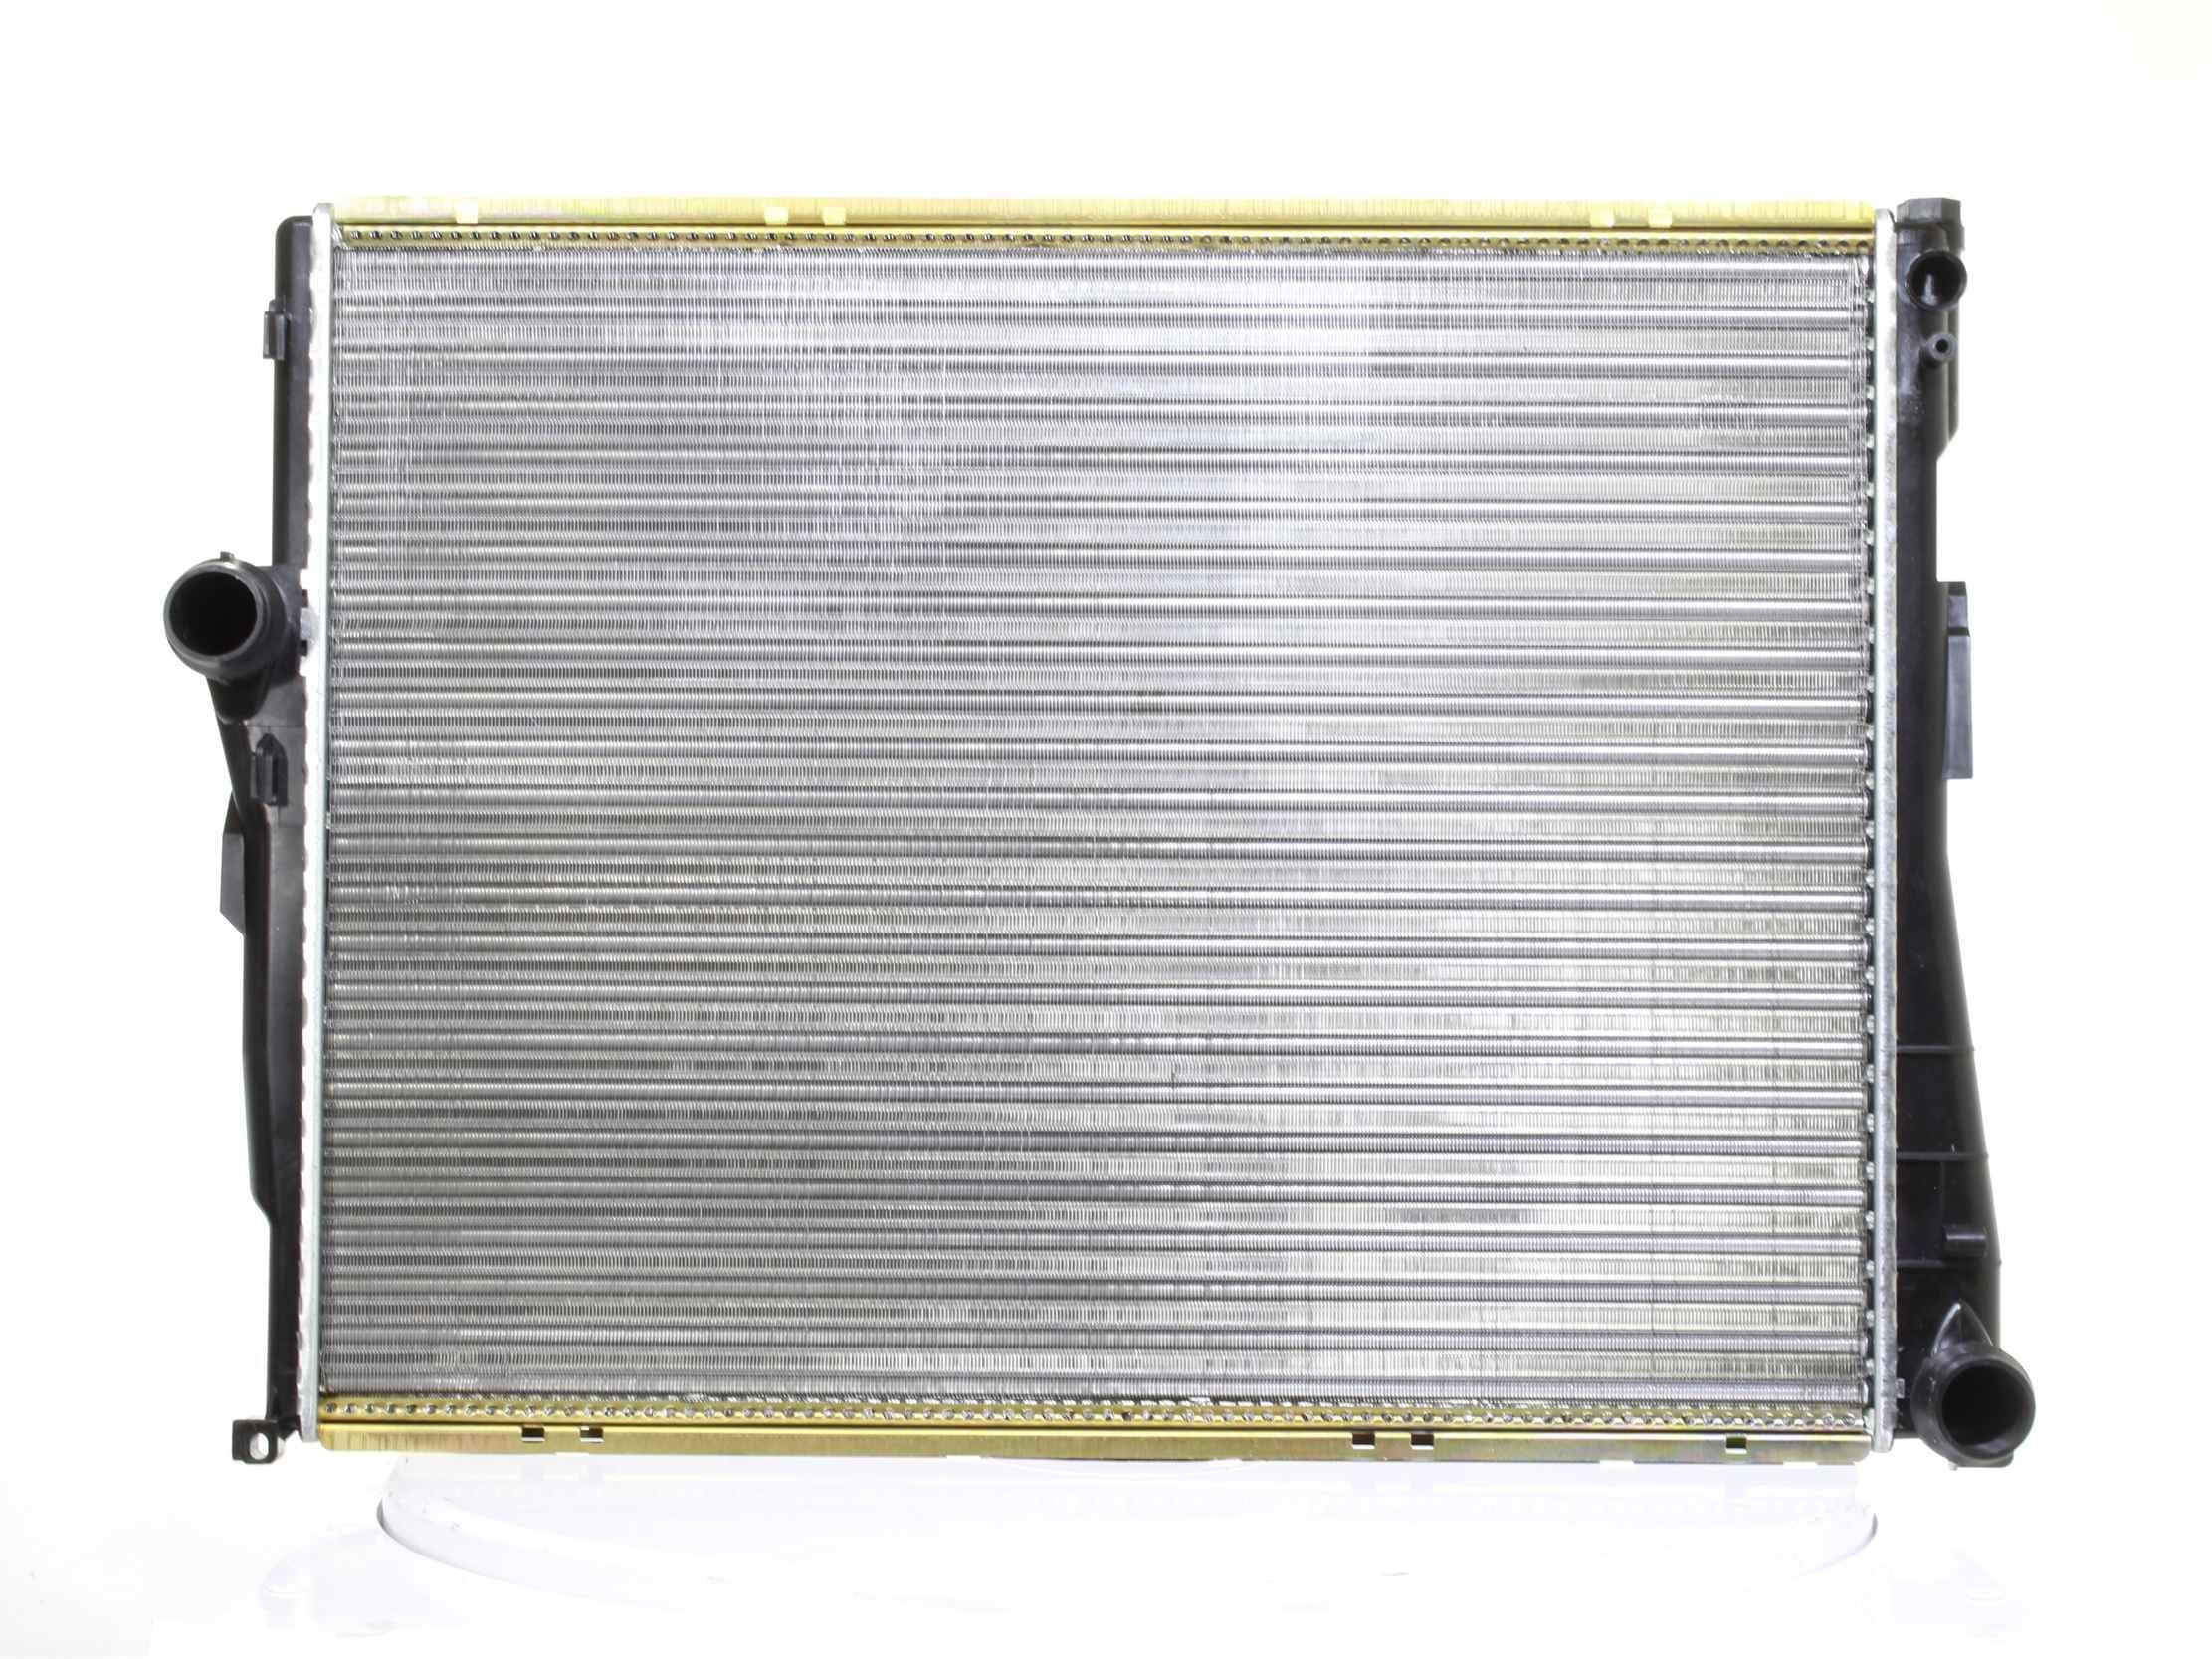 Radiateur moteur ALANKO 10530448 connaissances d'experts